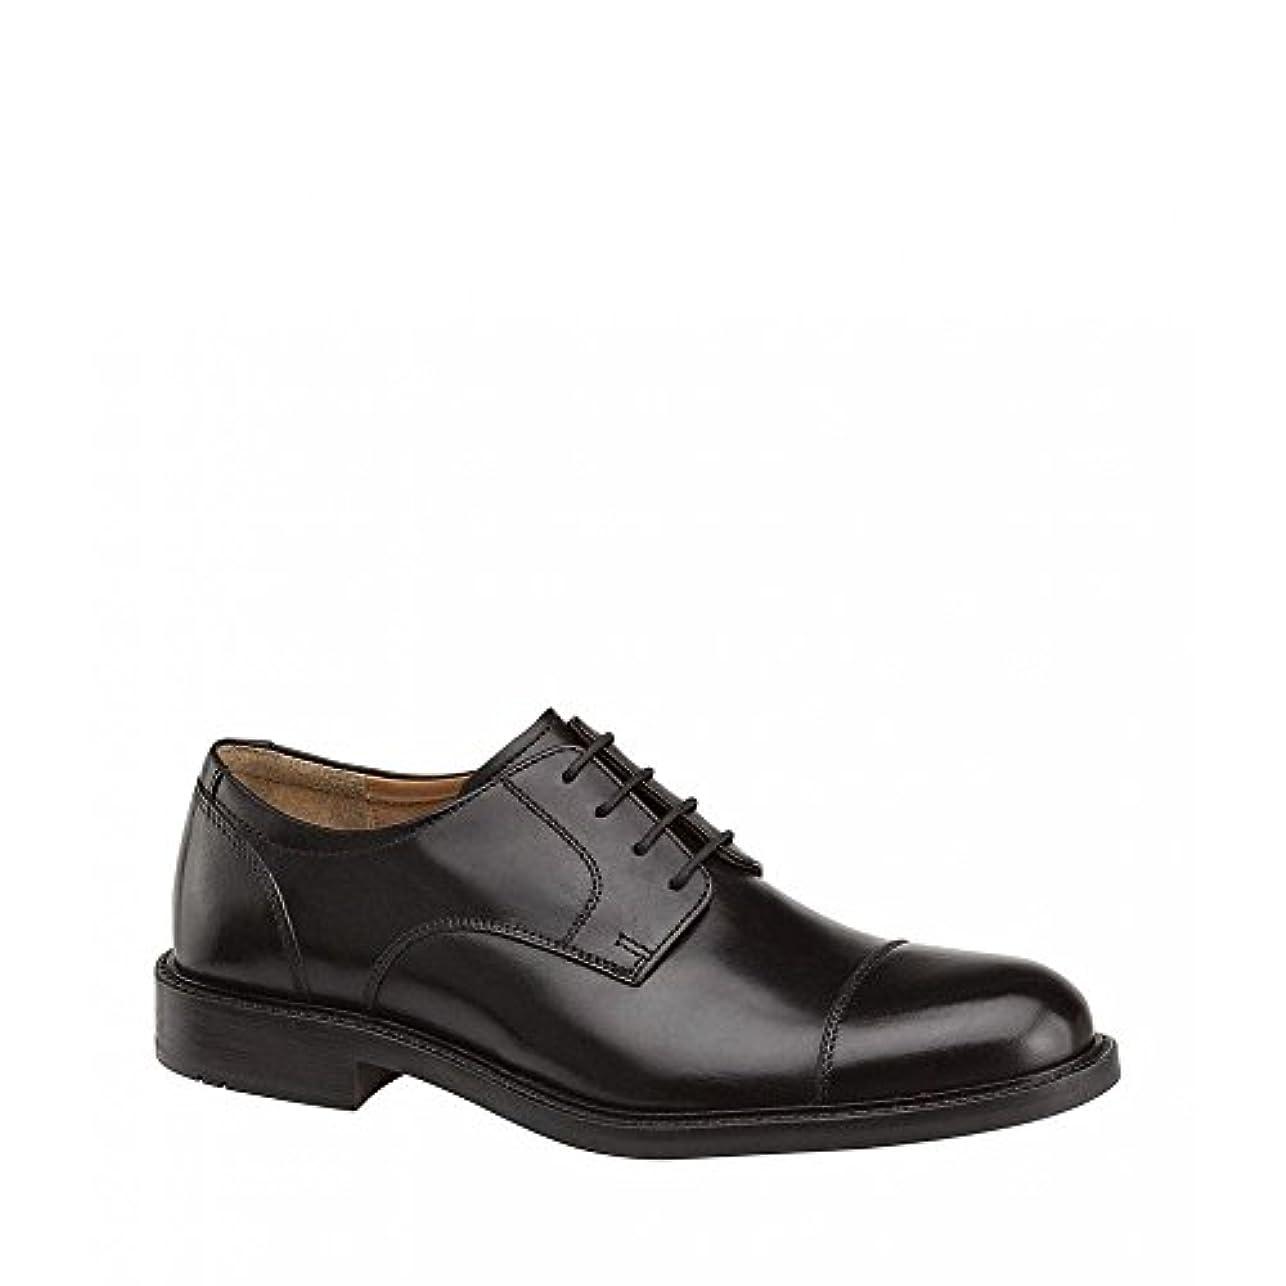 縞模様のスライムファランクス(ジョンストン&マーフィー) Johnston & Murphy メンズ シューズ?靴 革靴?ビジネスシューズ Tabor Oxfords [並行輸入品]